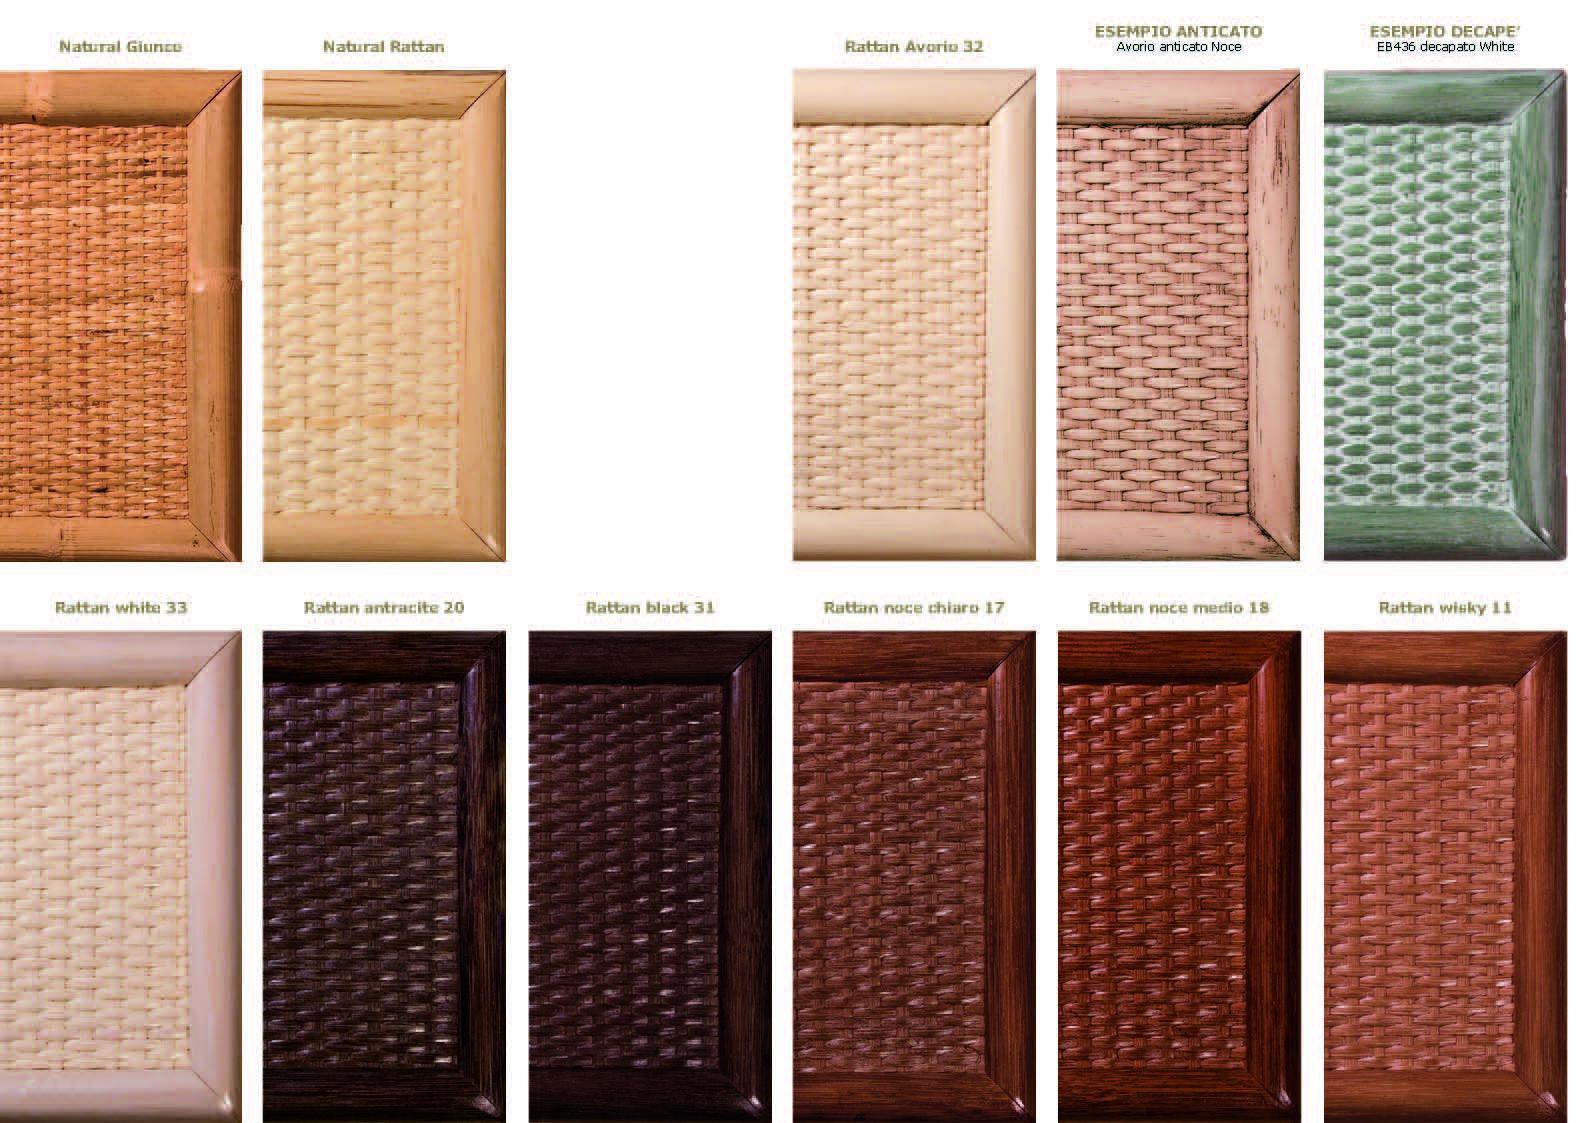 Mobili Vimini E Giunco.Colori Per Mobili Colori Mobili In Bambu Arredamento Giunco Decor